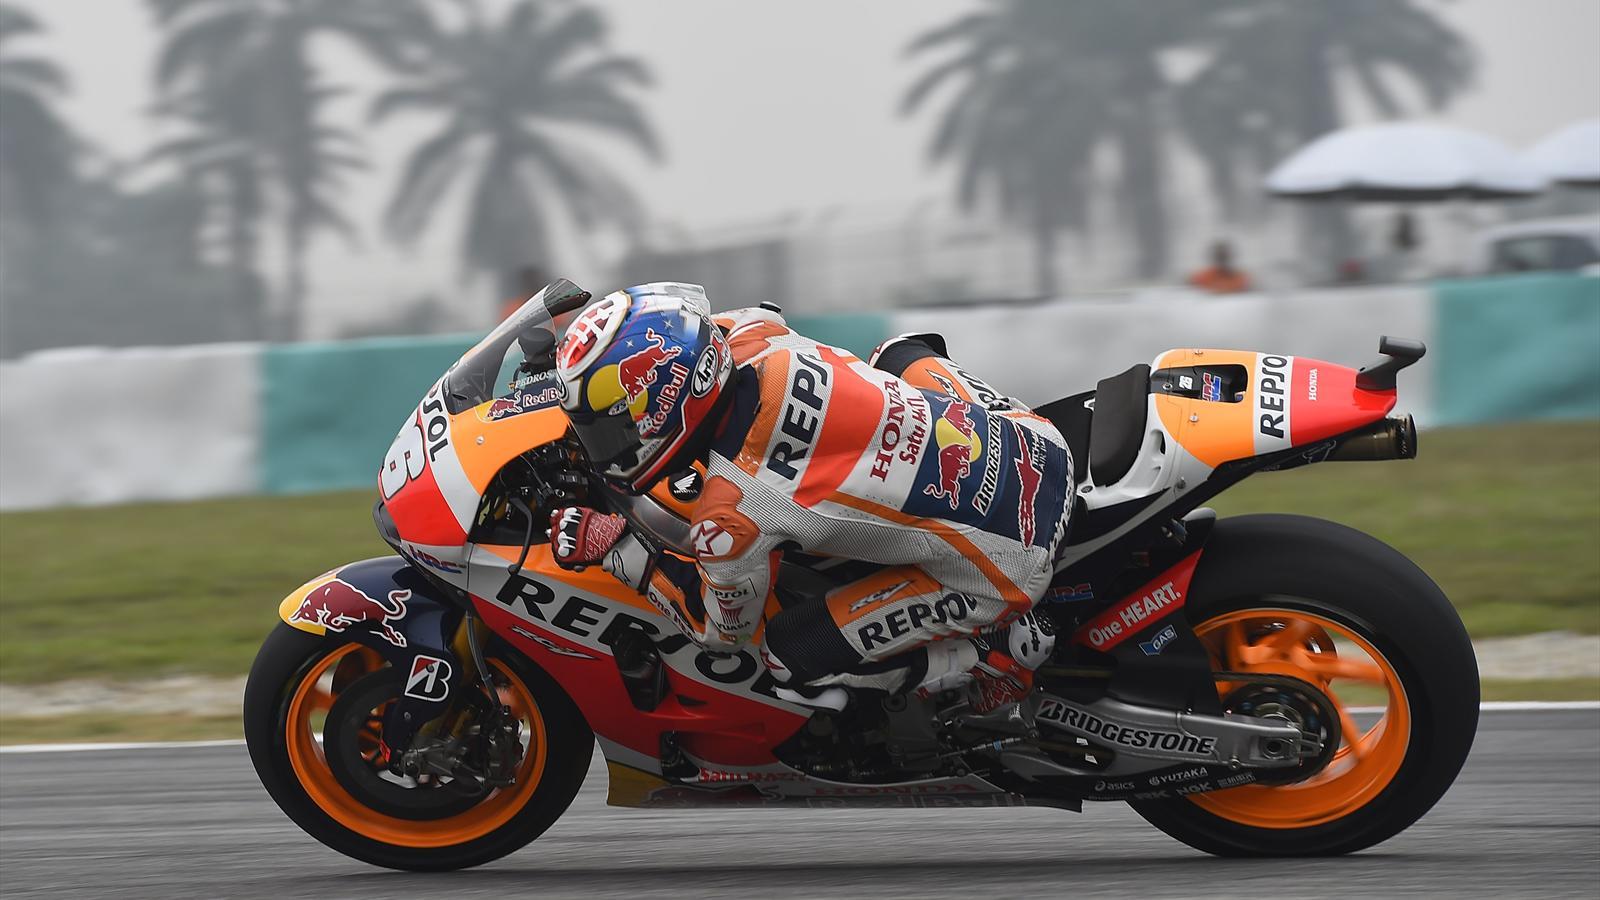 Dani Pedrosa a conquis la pole position au Grand Prix de Malaisie 2015